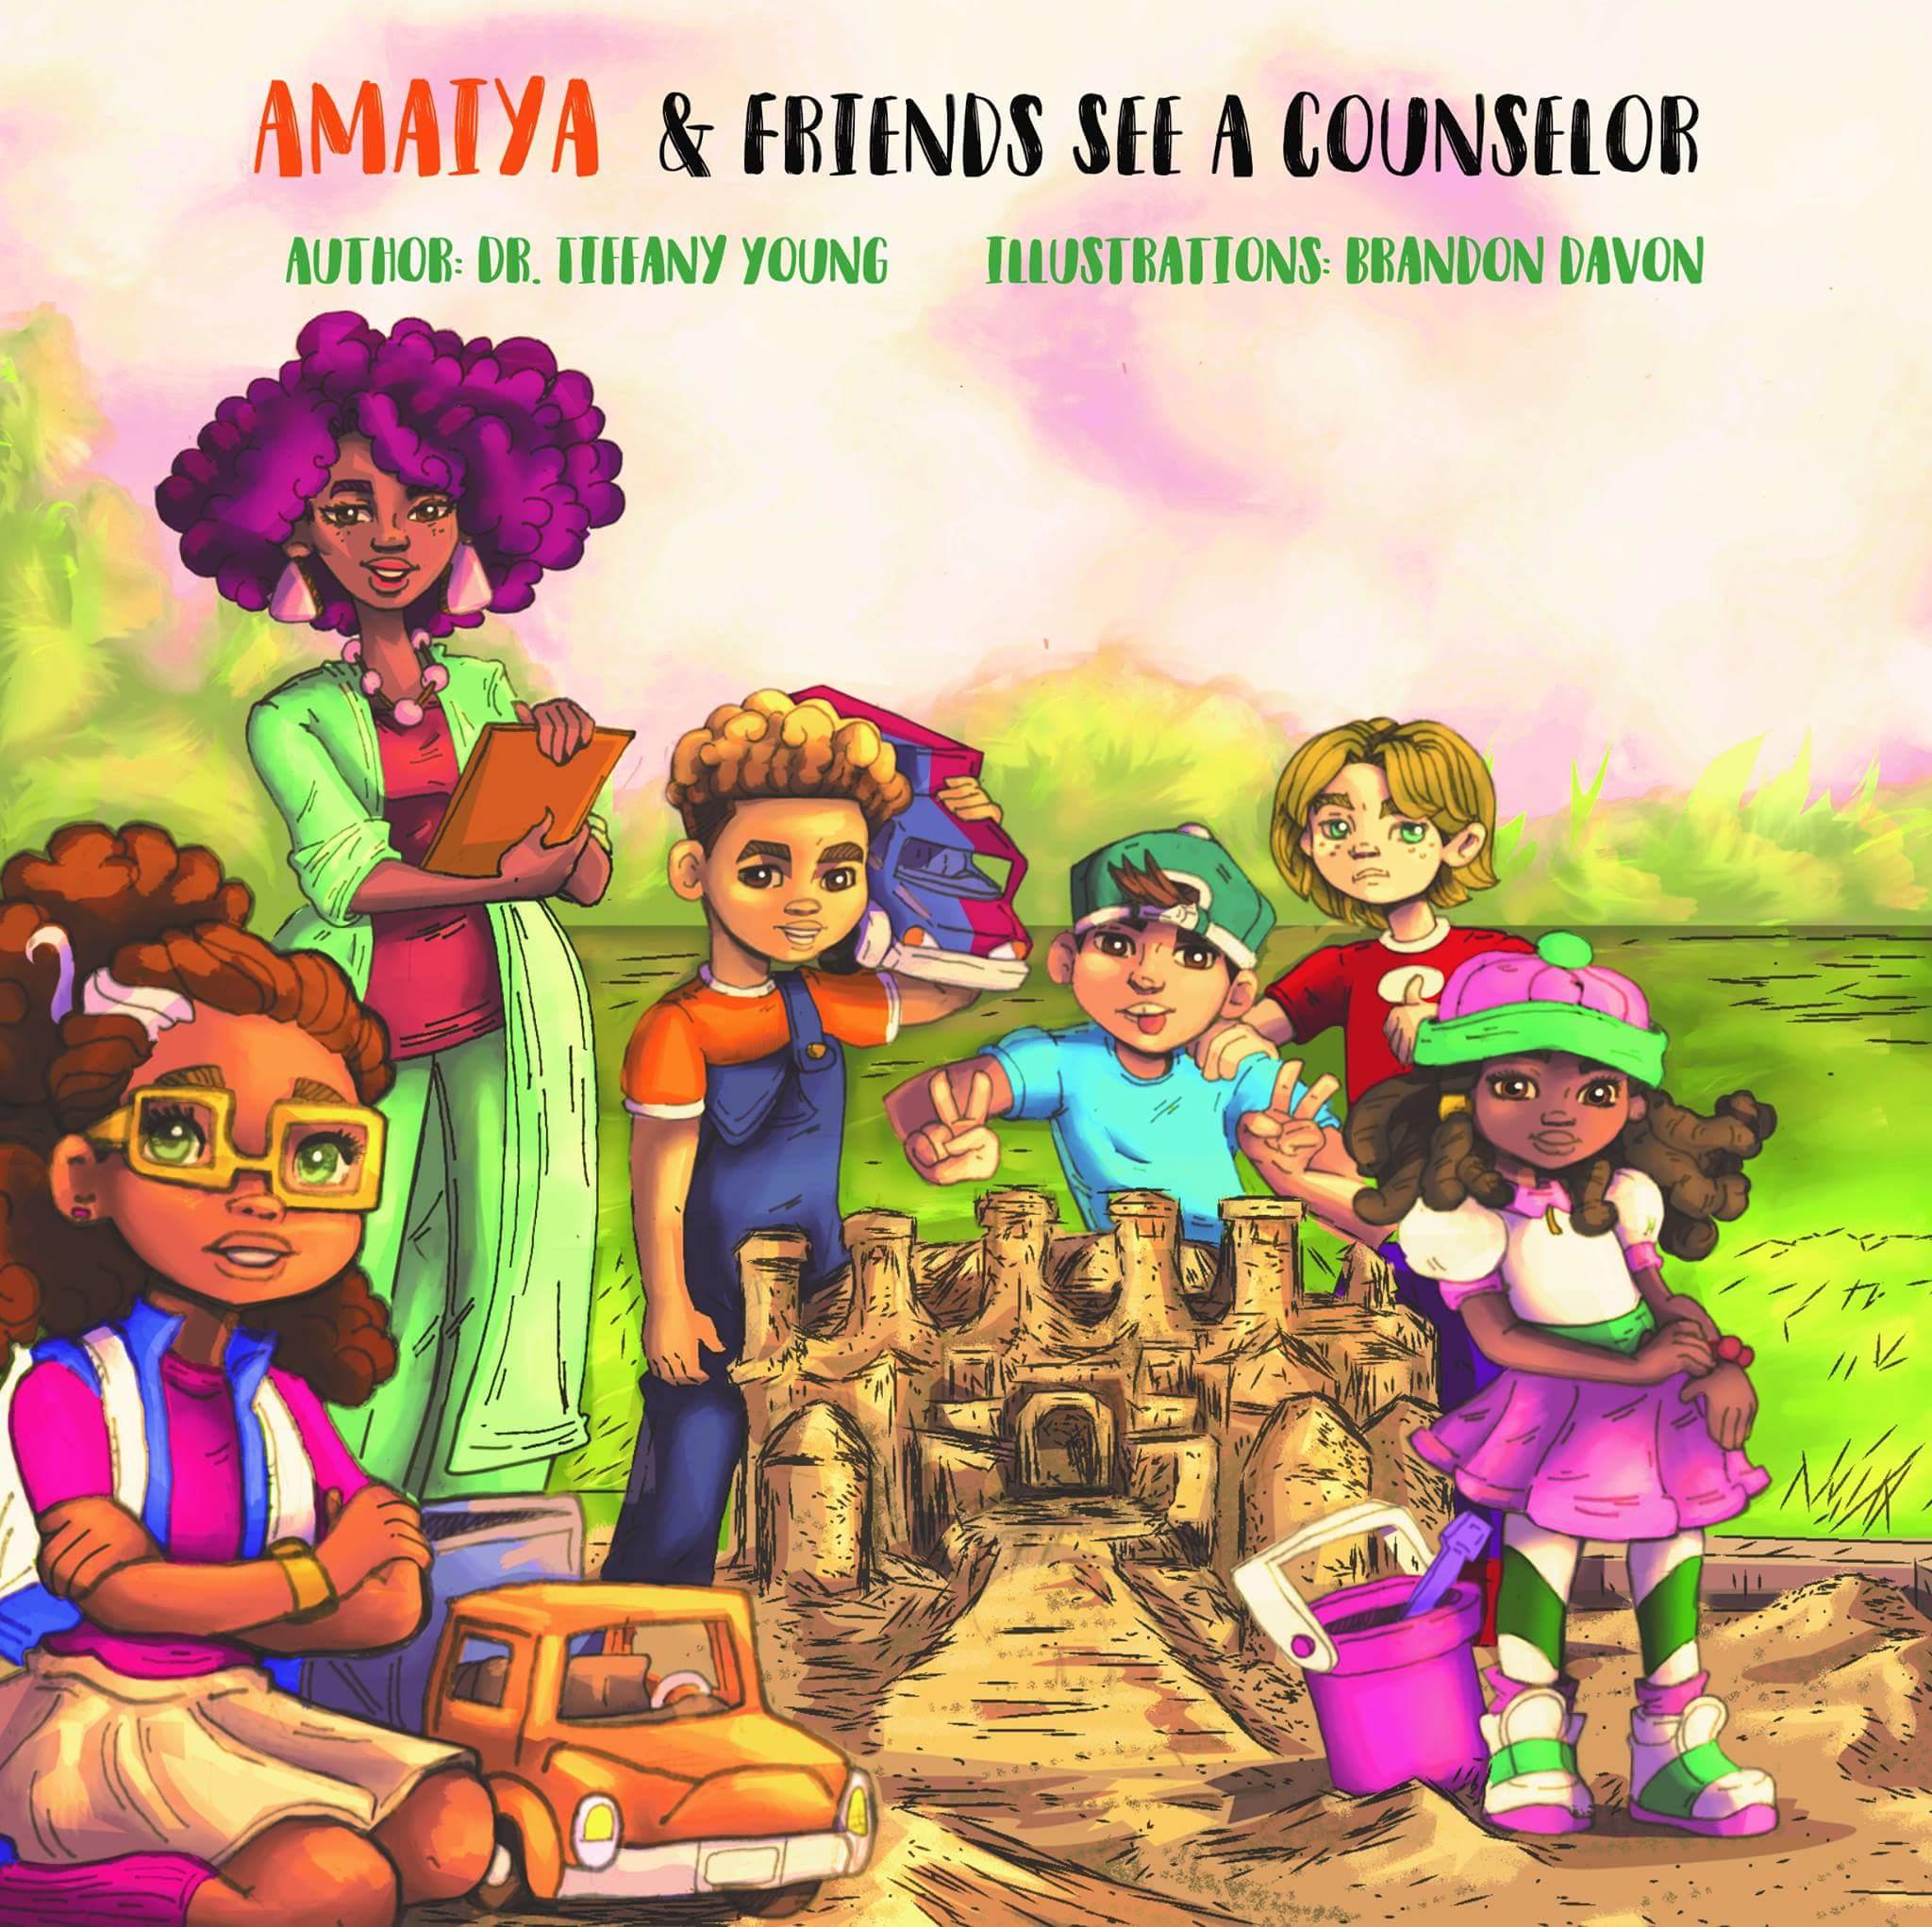 Amaiya & Friends